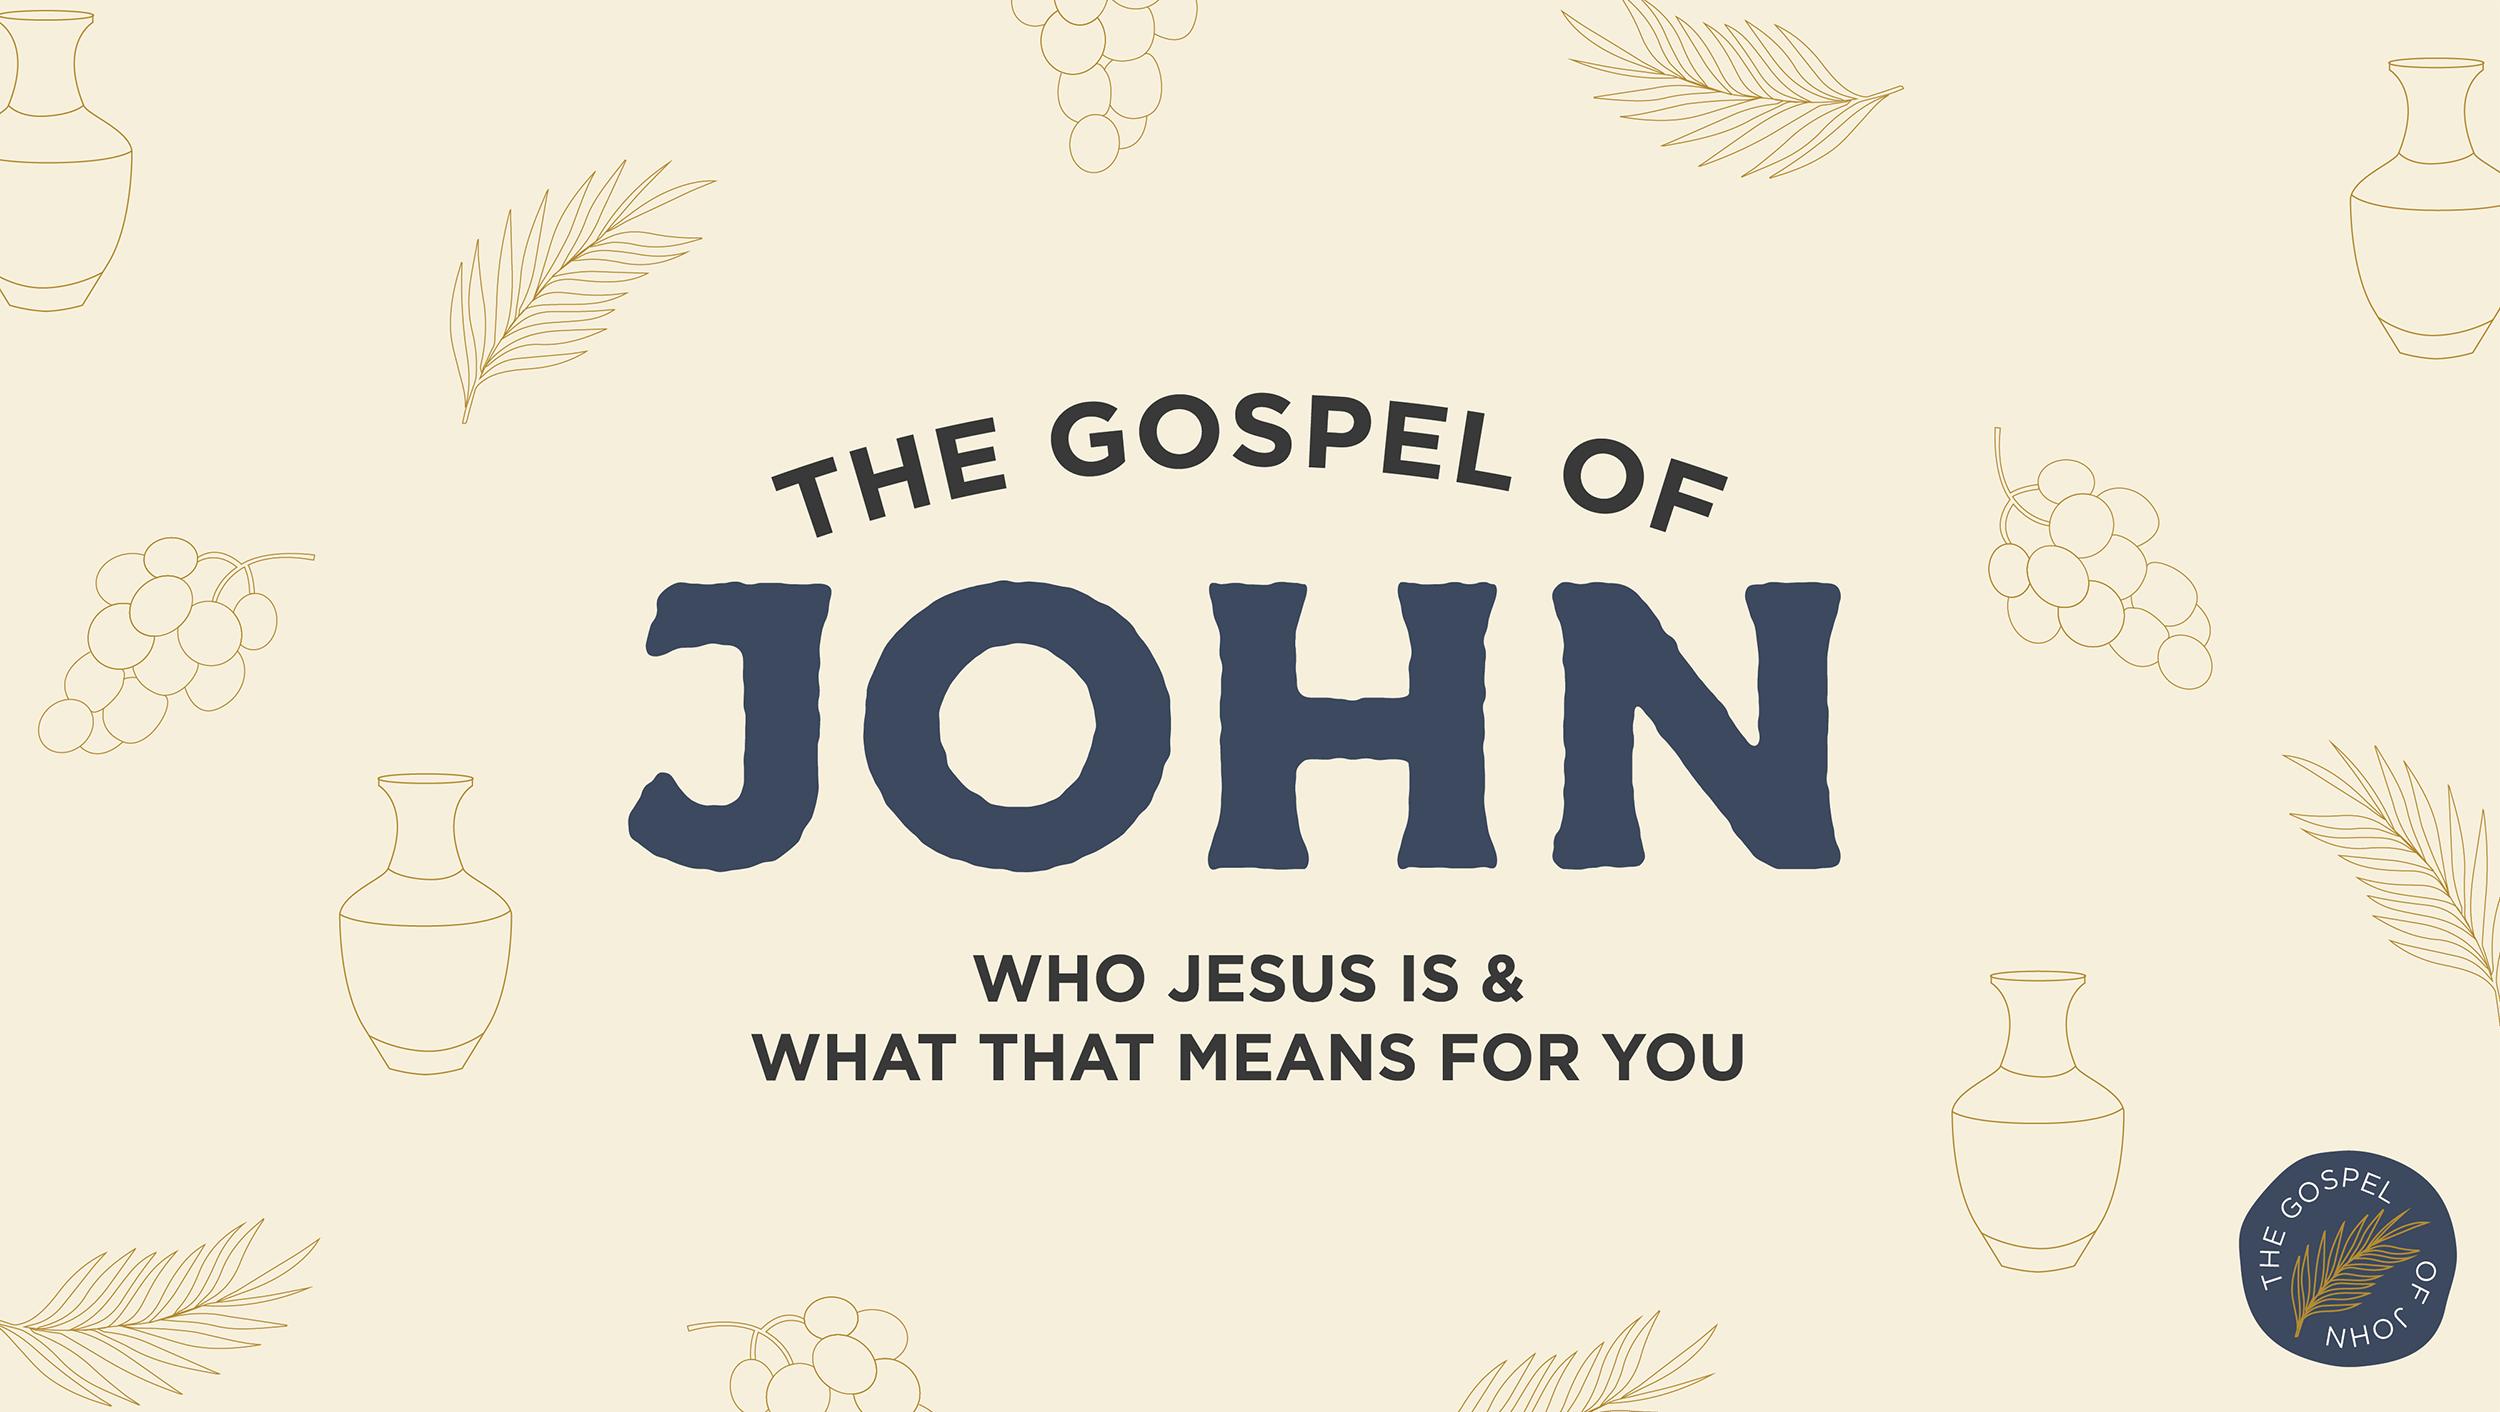 The_Gospel_of_John_Branding_v3_copy